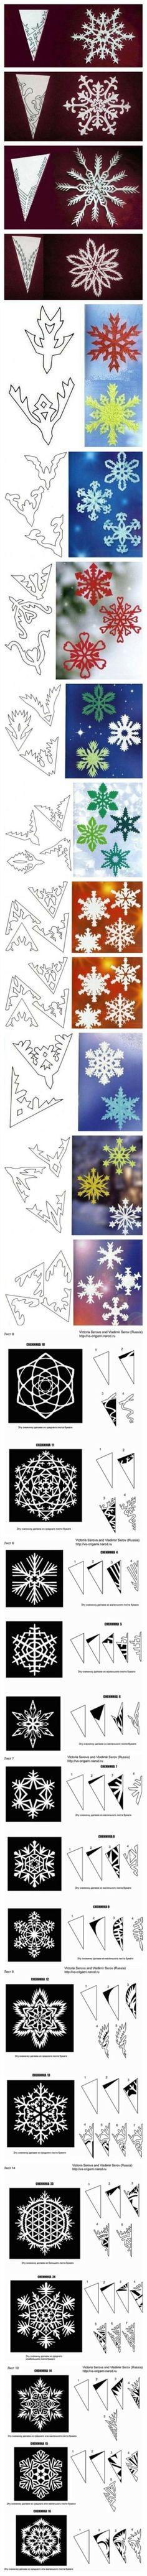 Snowflake patterns. by carmen.o.schmitz